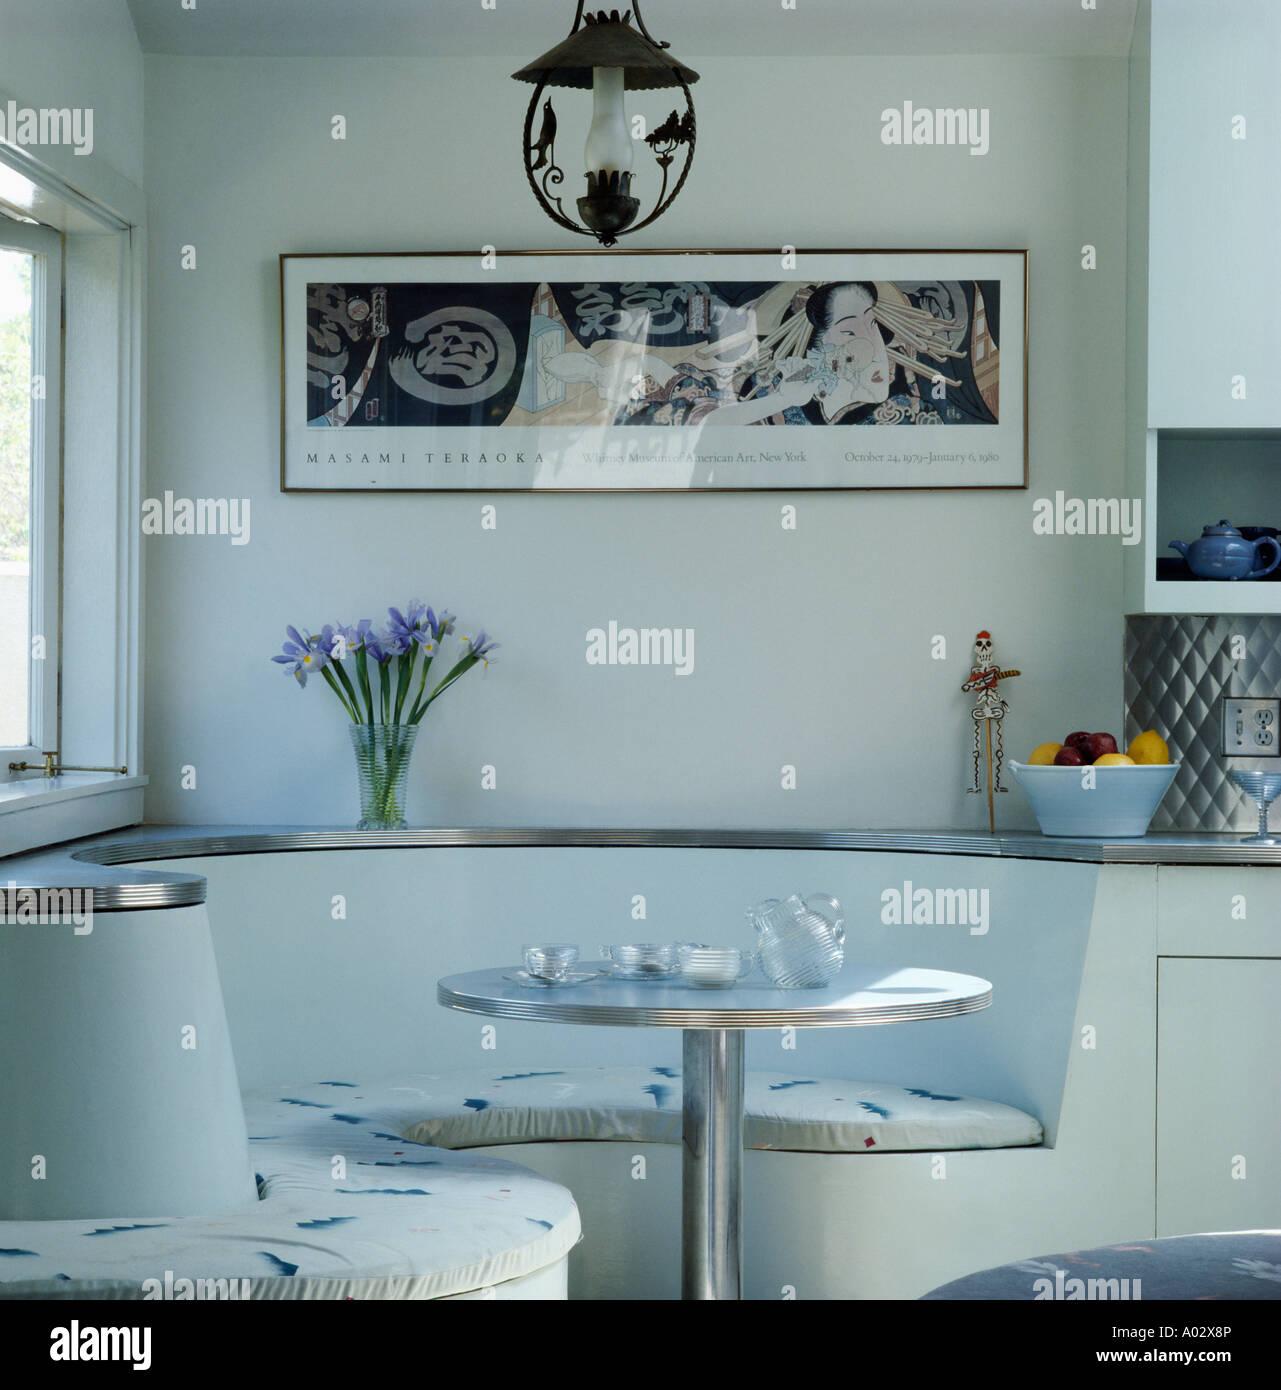 integrierte fifties bankett bestuhlung unter gerahmten schwarz wei bild im weien diner mit kreisfrmigen - Esstisch Mit Bankettbestuhlung